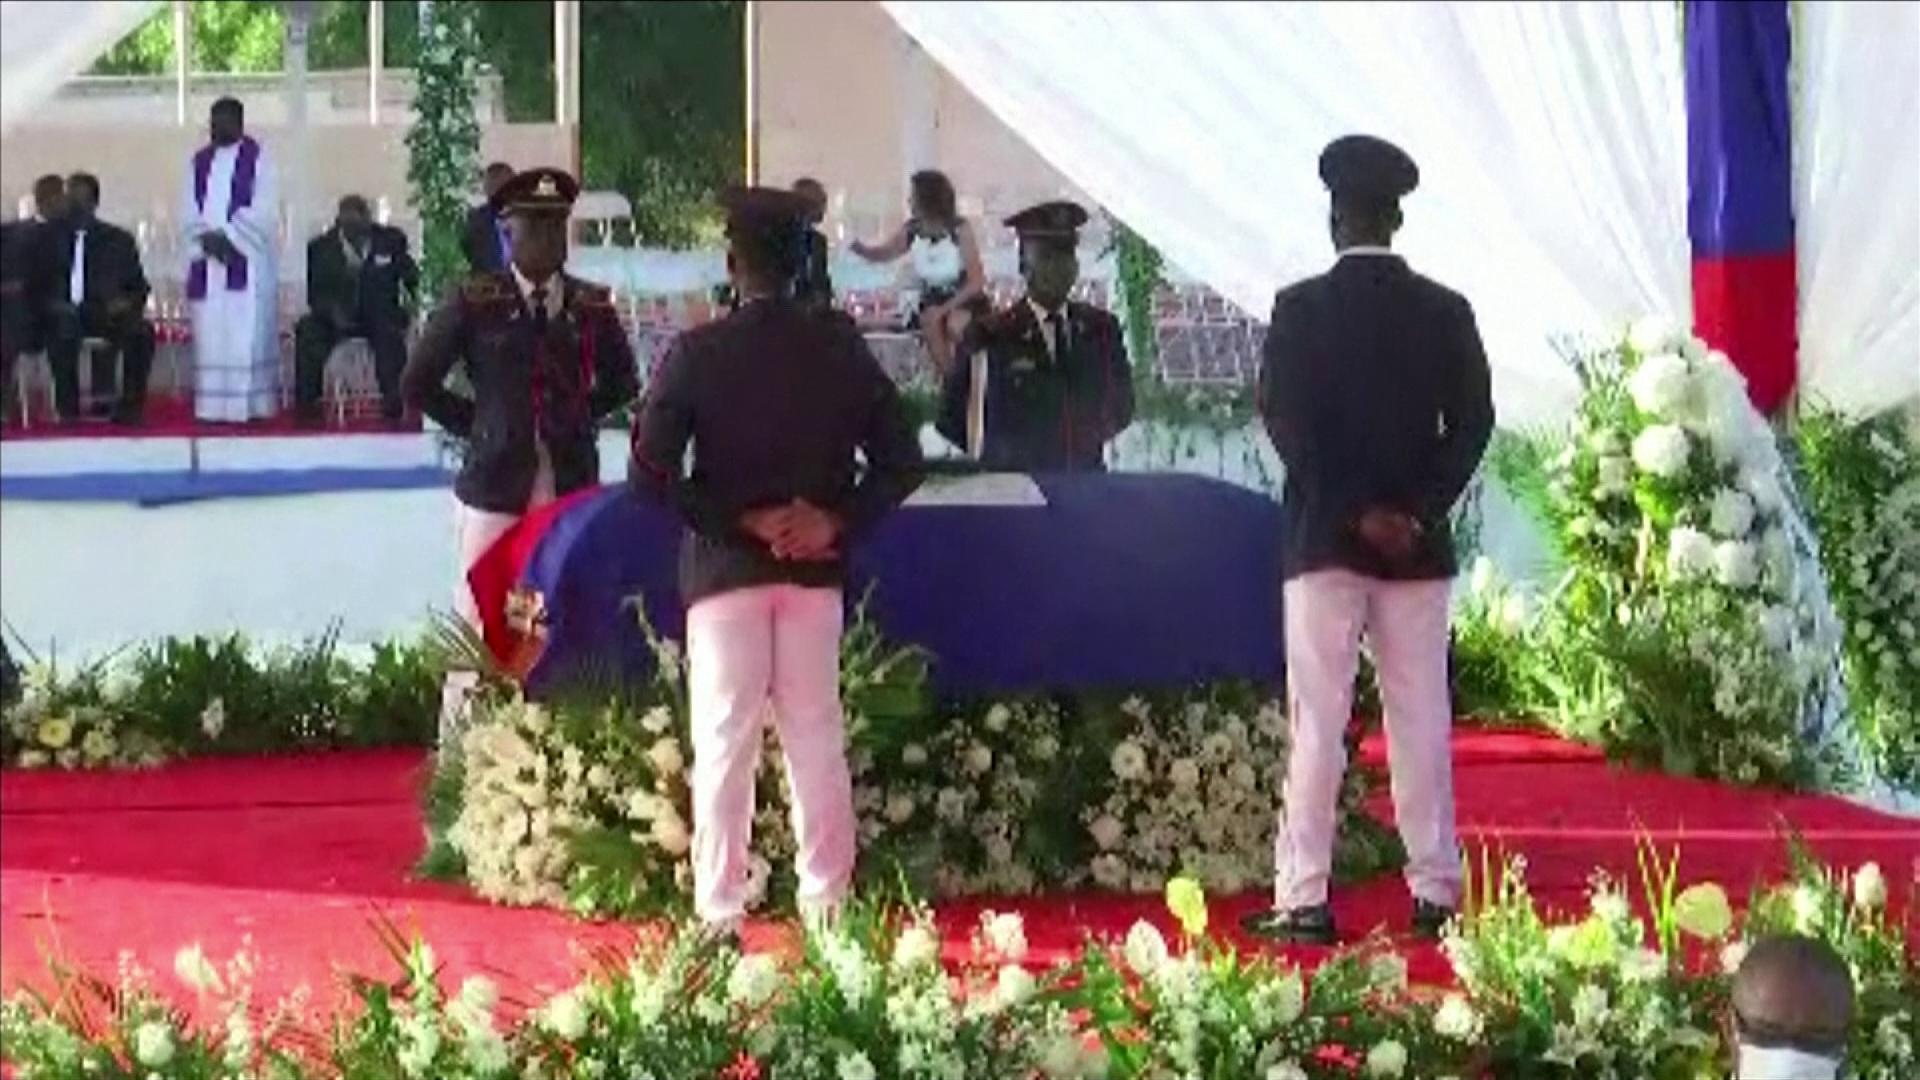 Haiti holds funeral for assassinated president